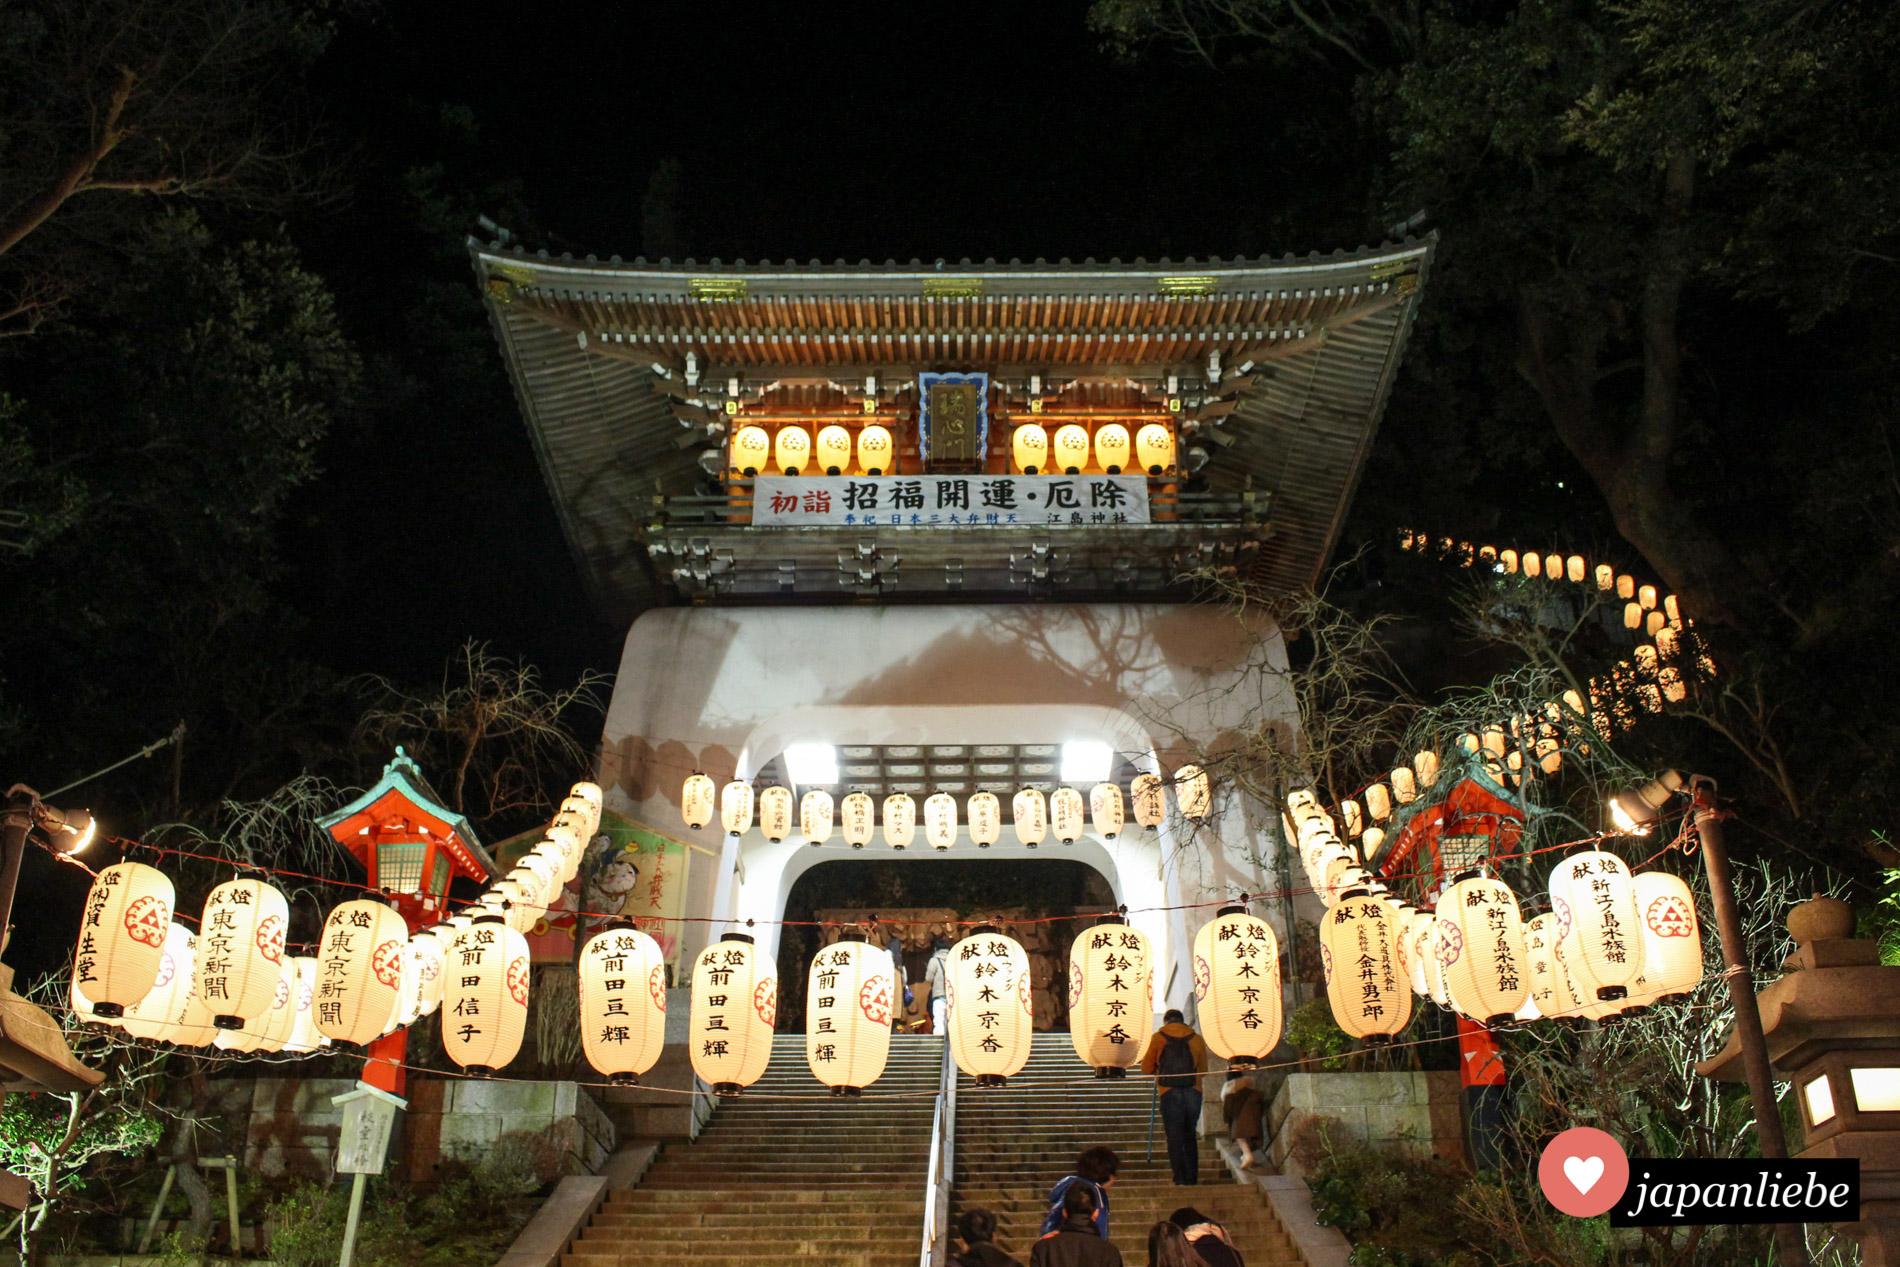 Abends werden die Papierlaternen am Enoshima Schrein entzündet und tauchen das Tor in romantisches Licht.